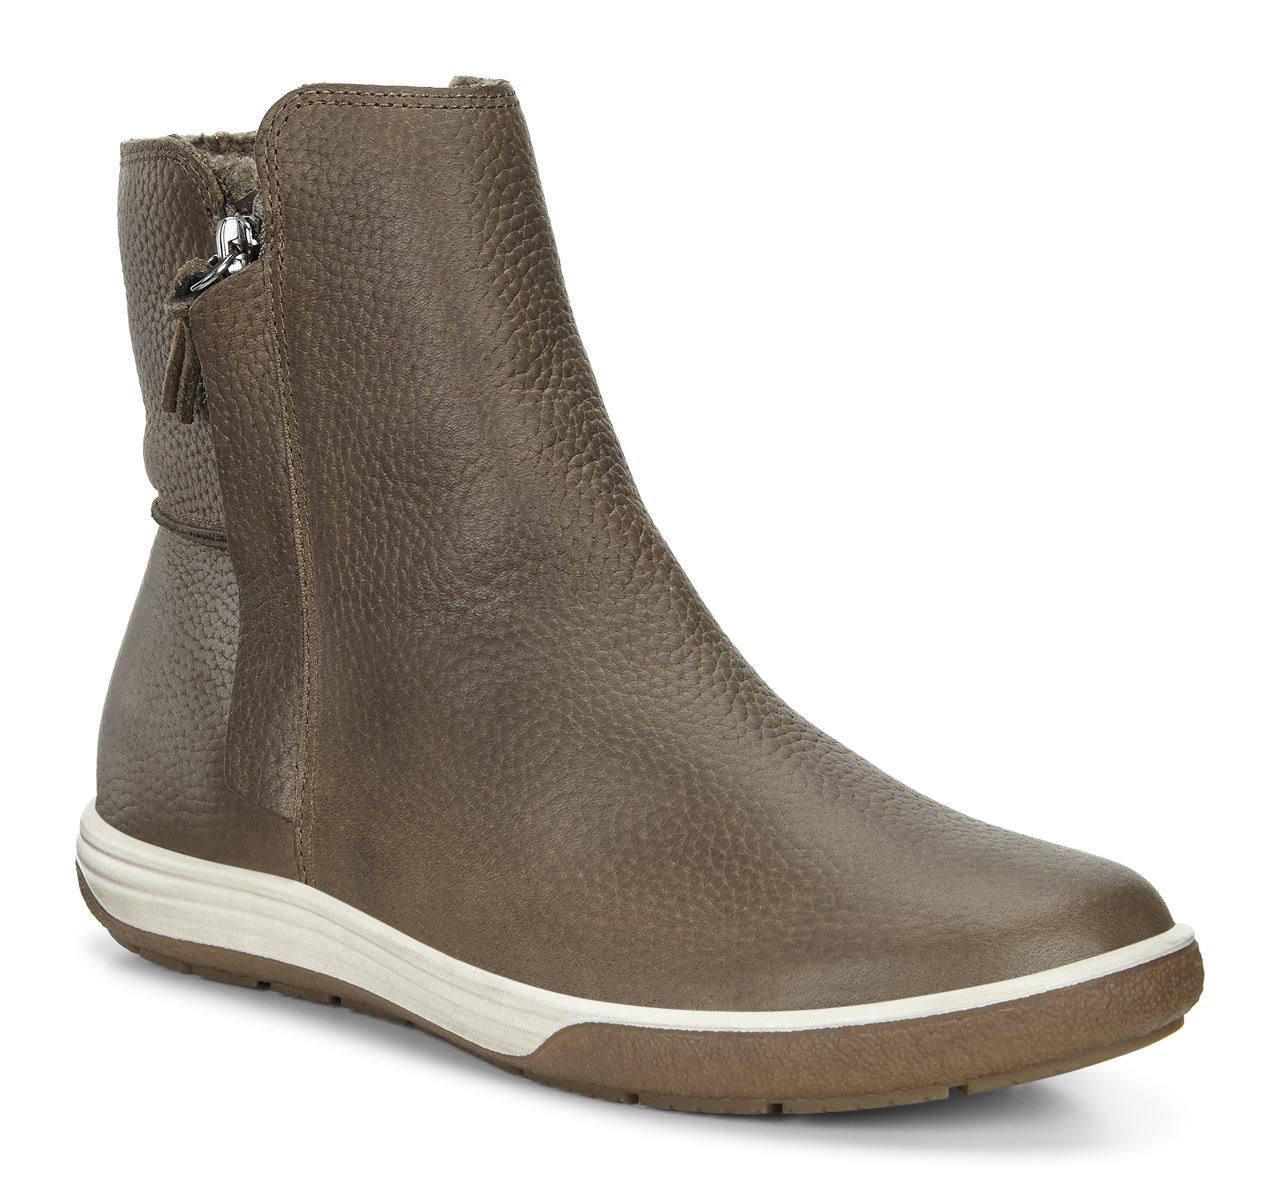 ecco buty zimowe damskie